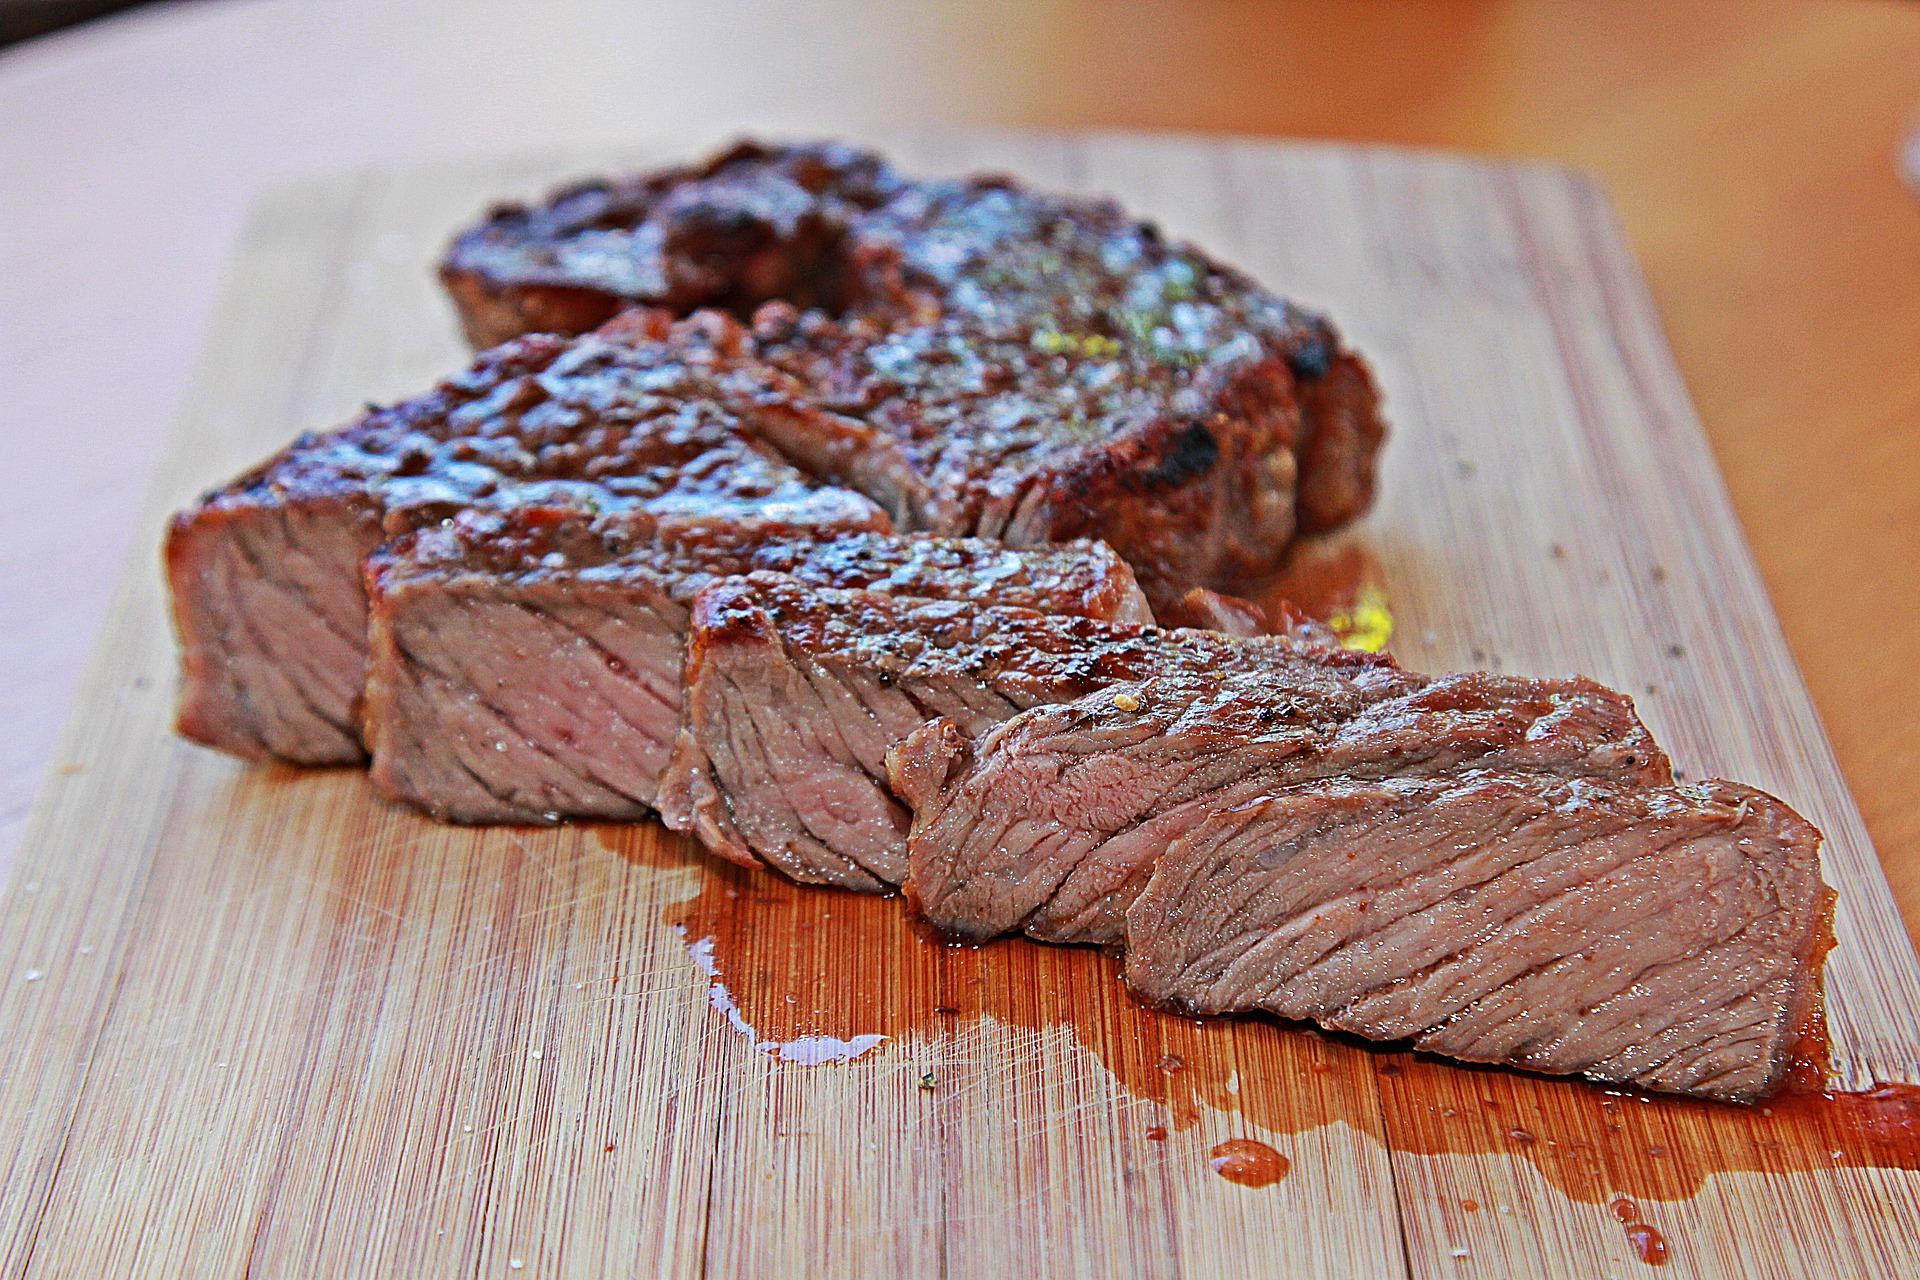 steak-4308529_1920.jpg